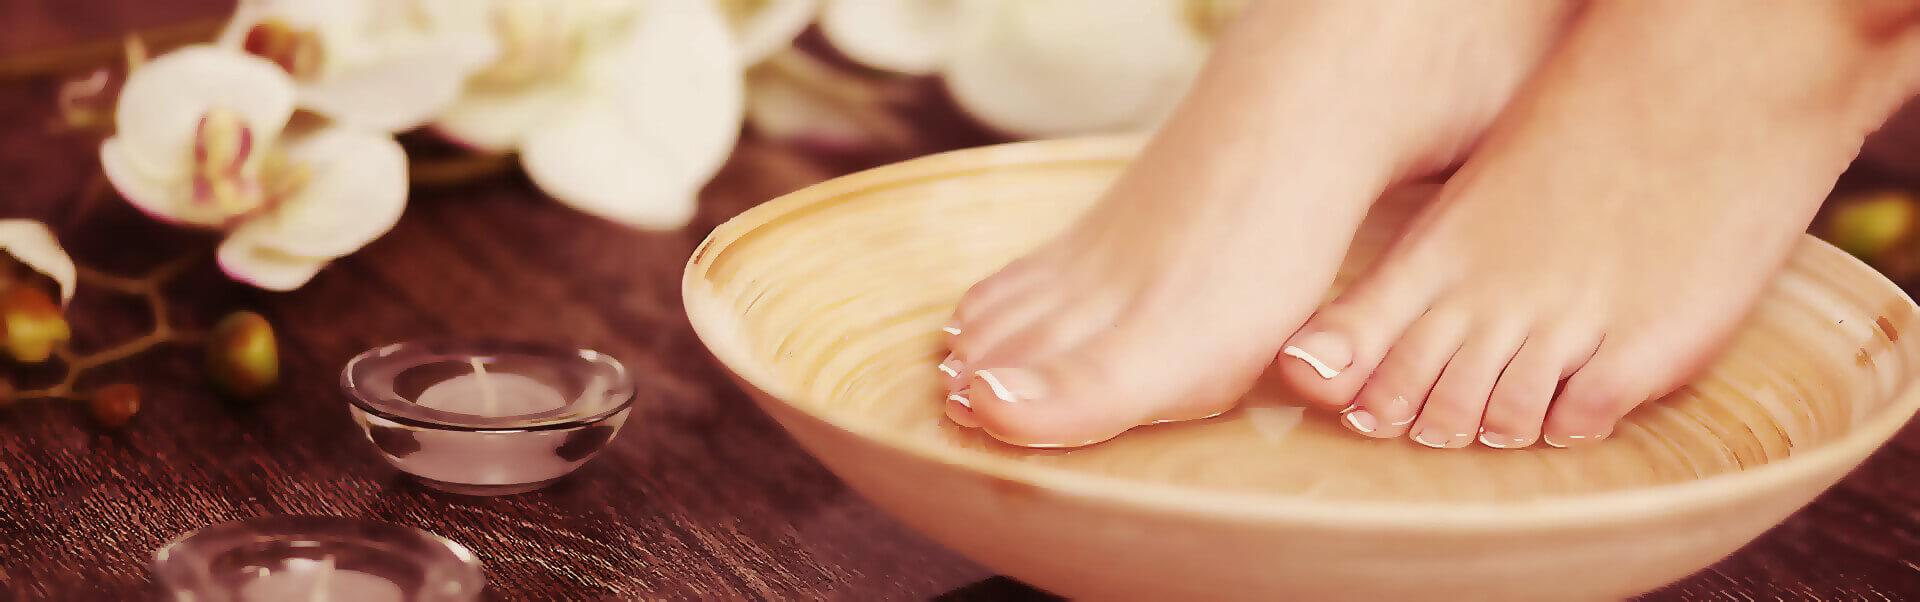 Fußpflege Header Bild